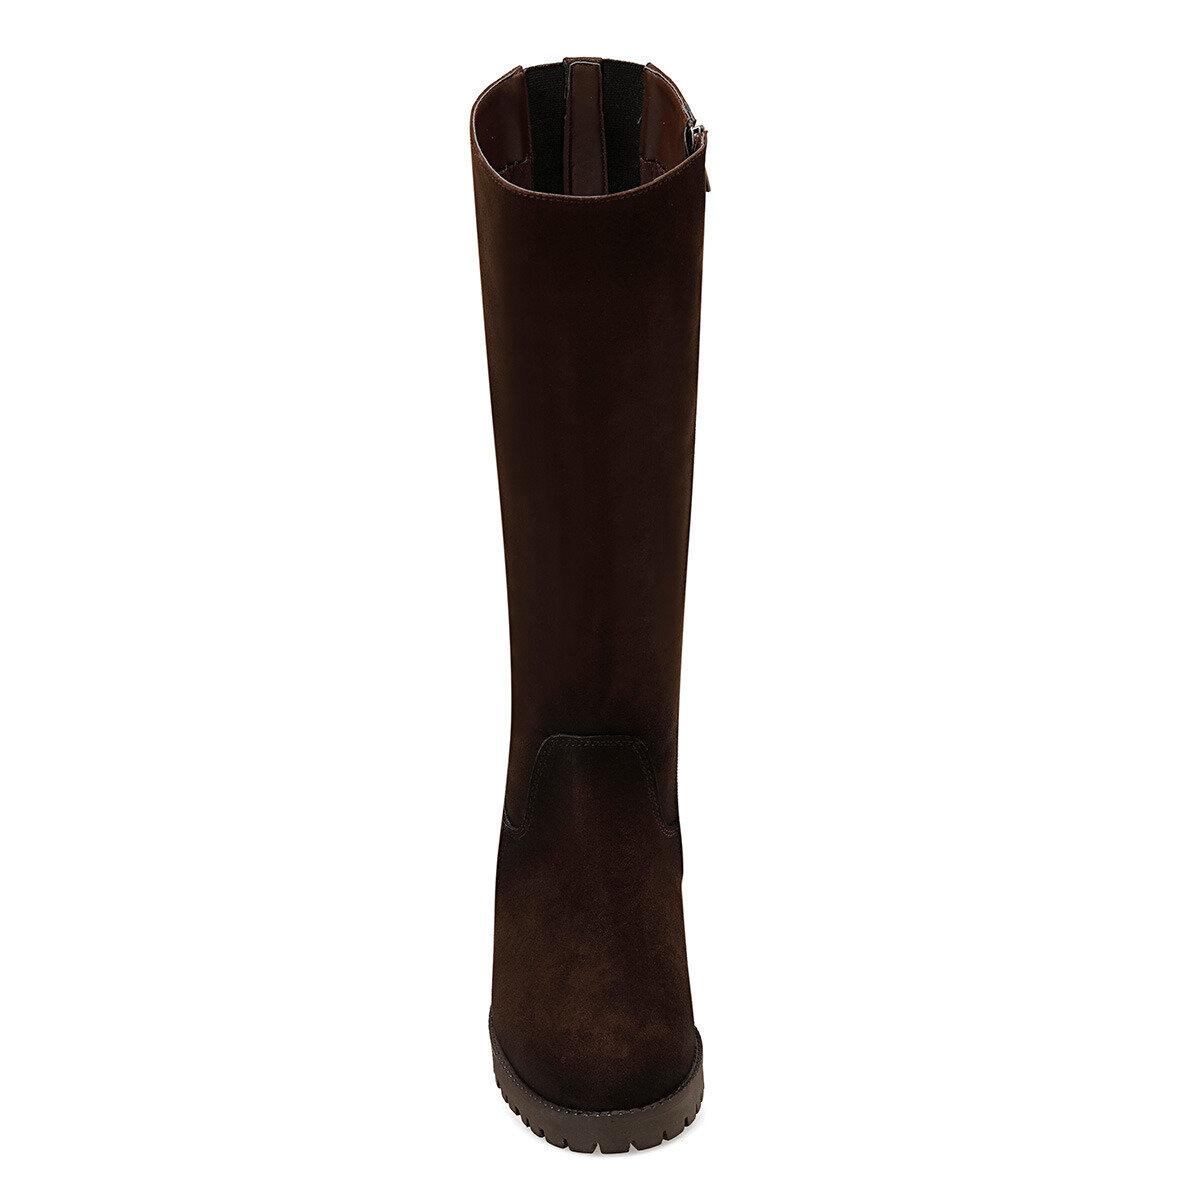 KORLE Kahverengi Kadın Düz Çizme